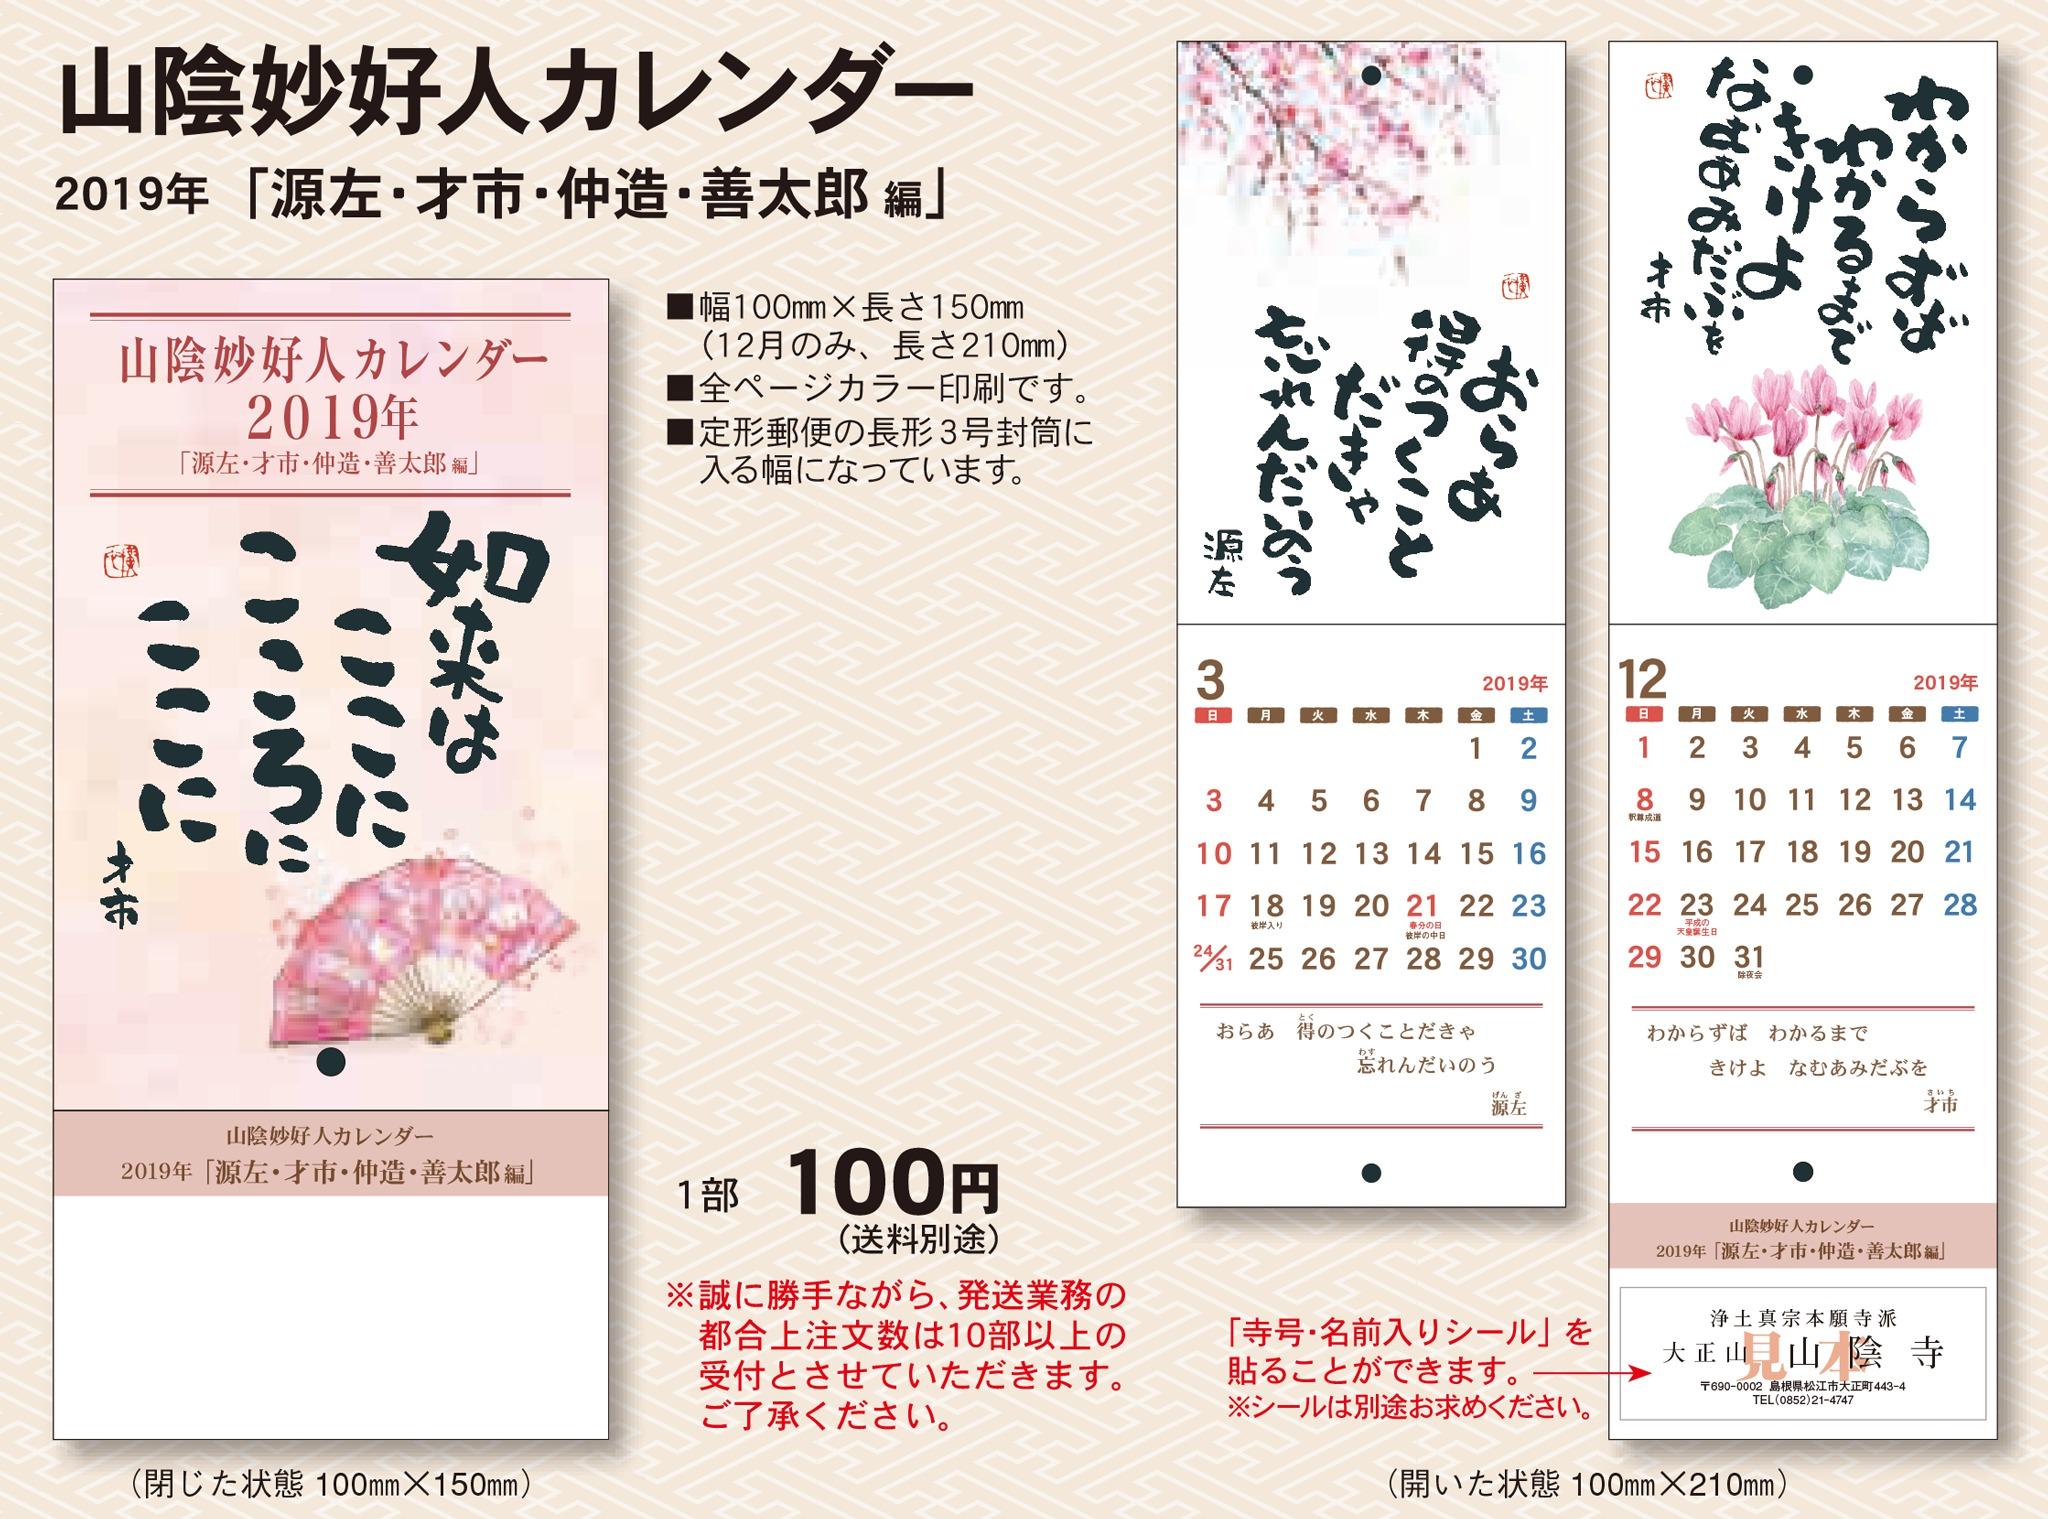 2019年版 山陰妙好人カレンダー